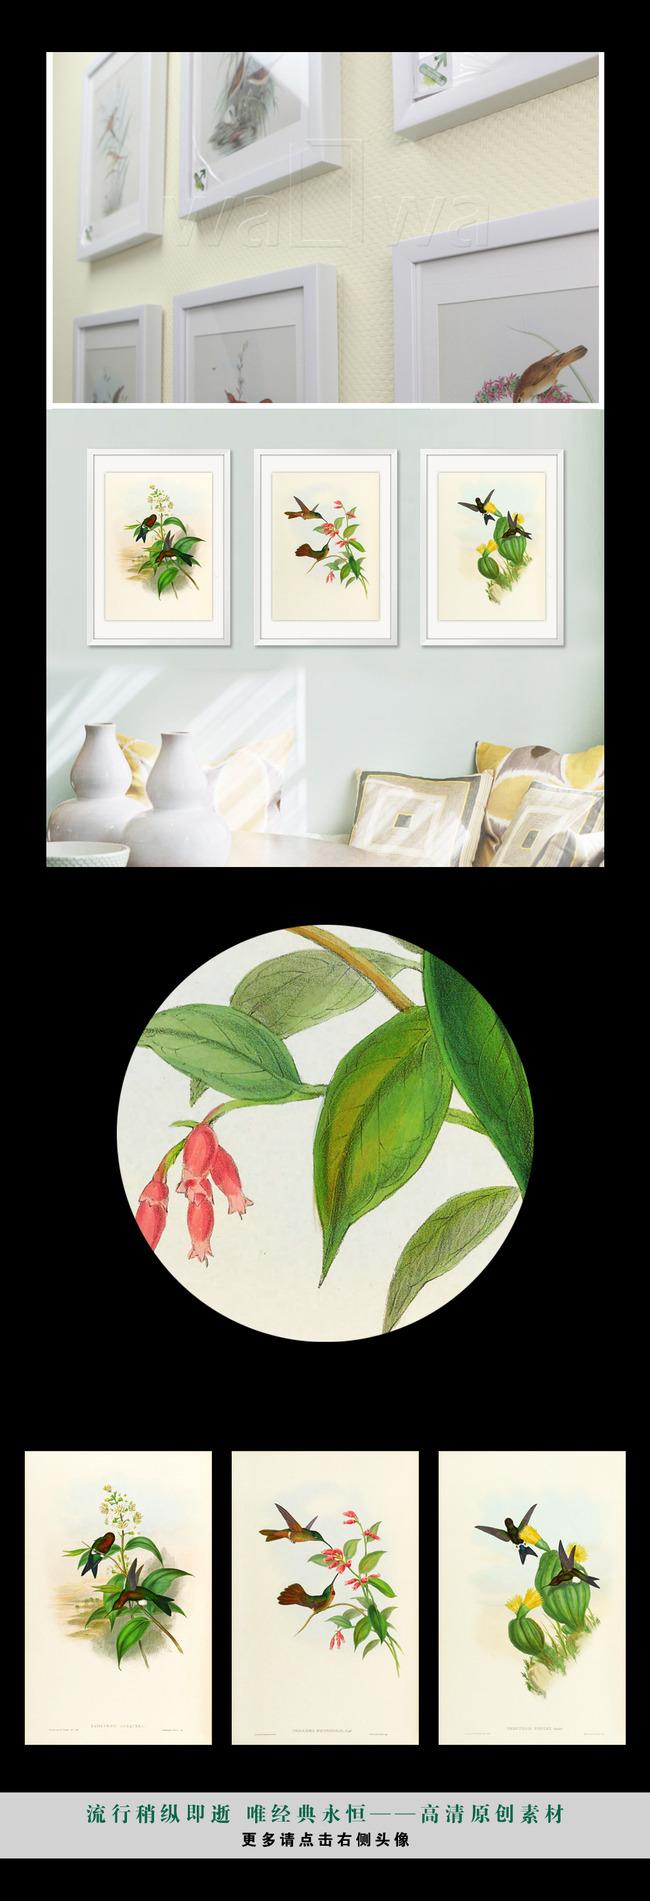 背景墙|装饰画 无框画 动物图案无框画 > 手绘简约复古小清新植物花鸟